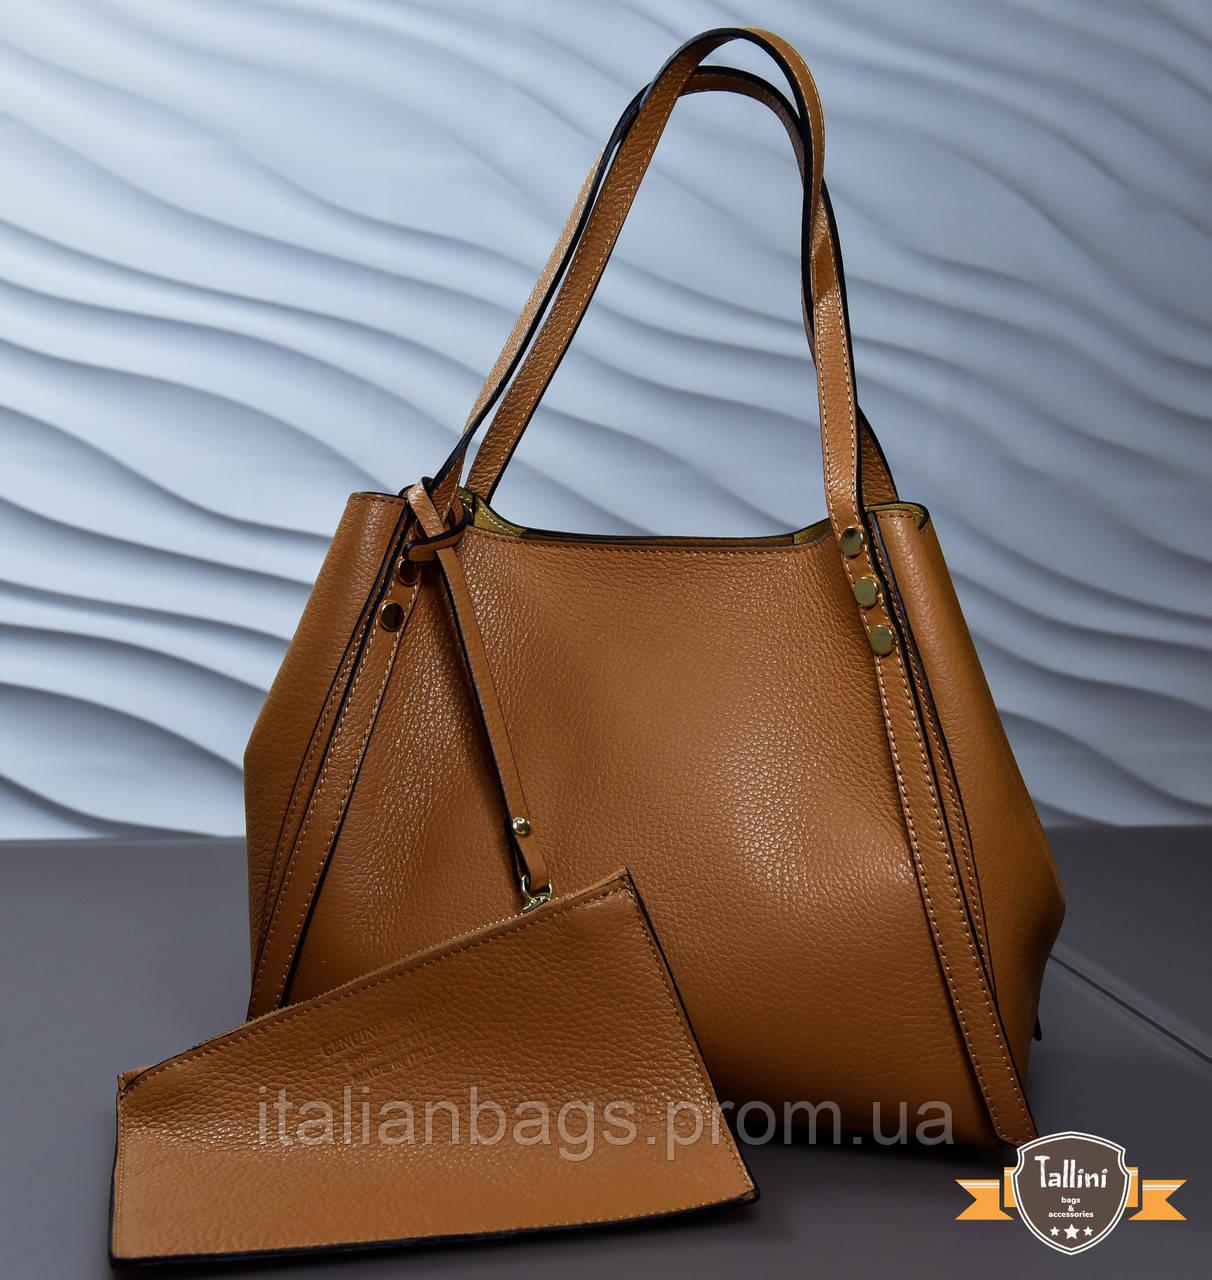 eae034f45796 VERA PELLE Сумка женская из натуральной кожи, Италия: продажа, цена ...